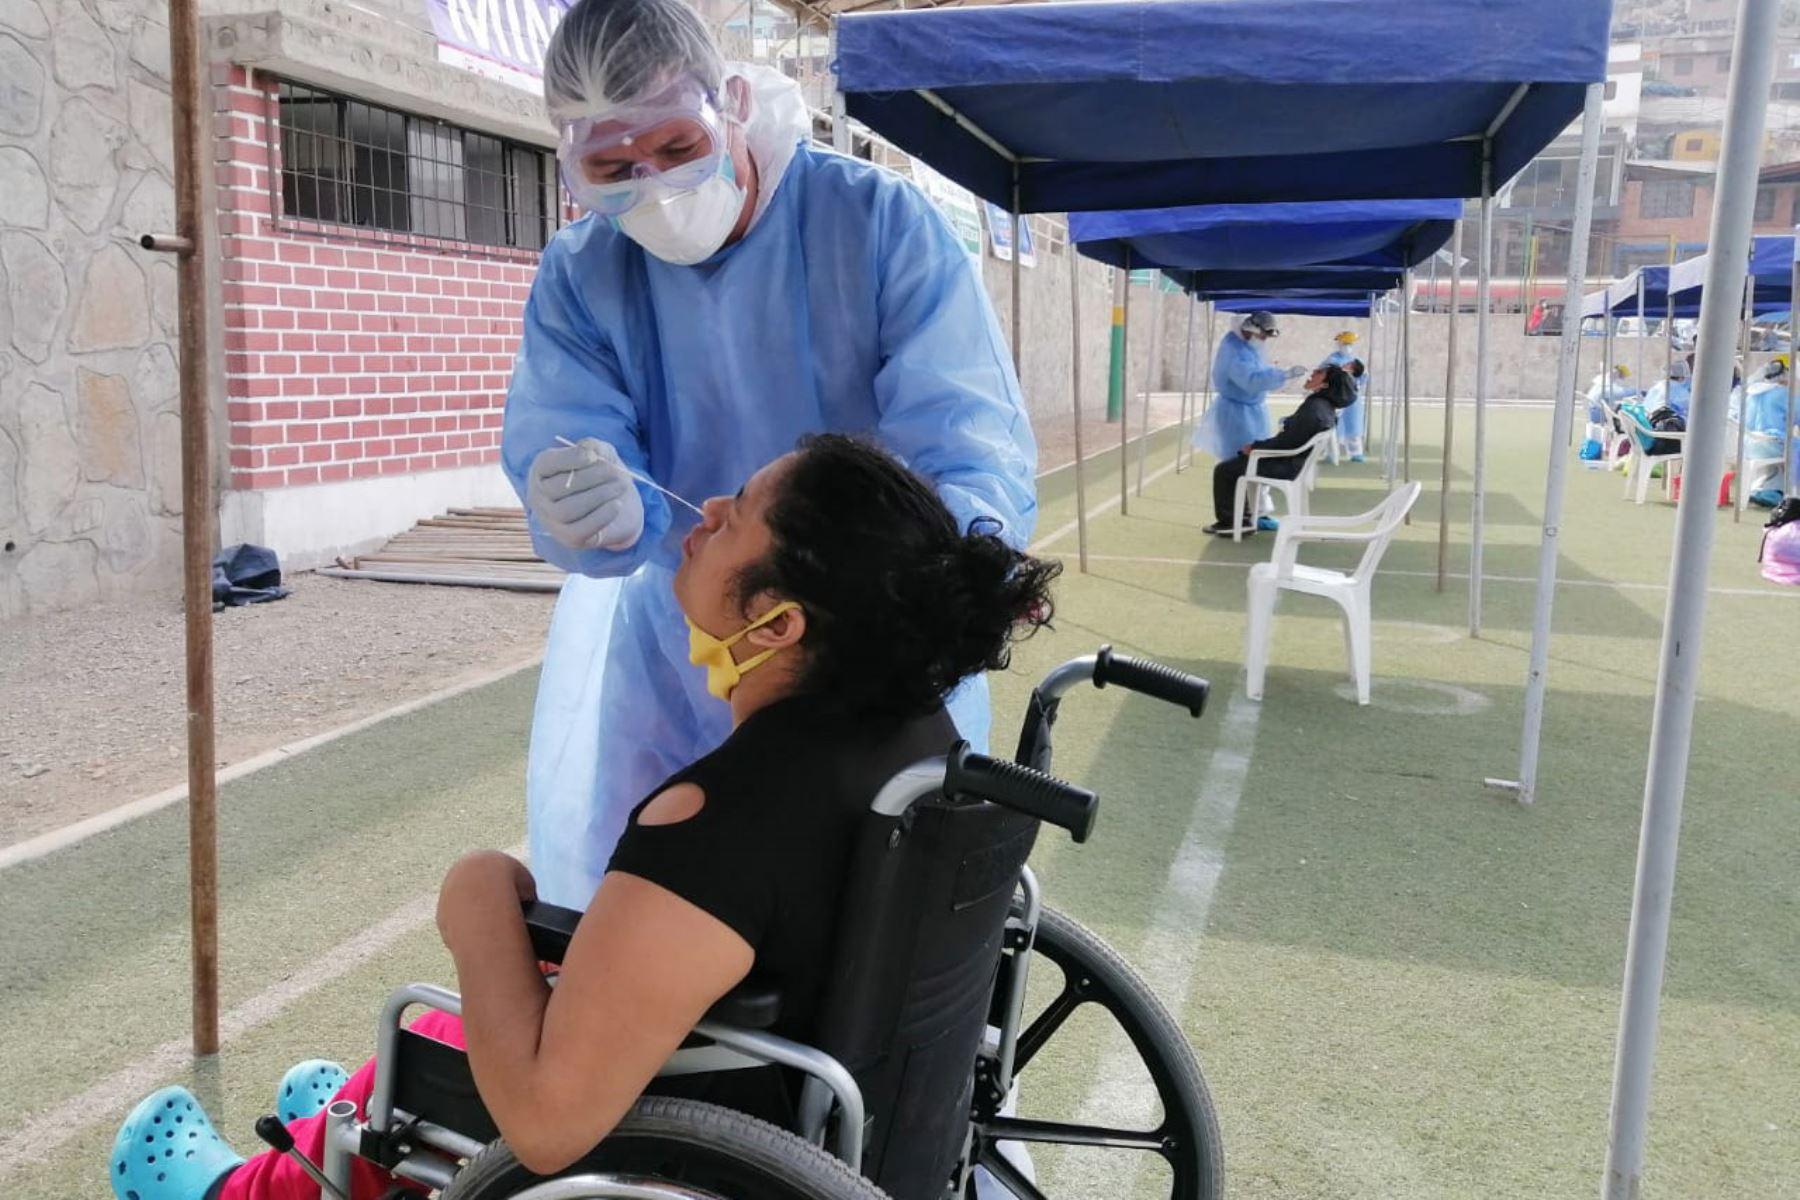 Ministerio de Salud brinda servicio evaluación y descarte de  covid - 19 . Más de 400 personas se hicieron  pruebas moleculares en el distrito de Independencia. Foto: Minsa